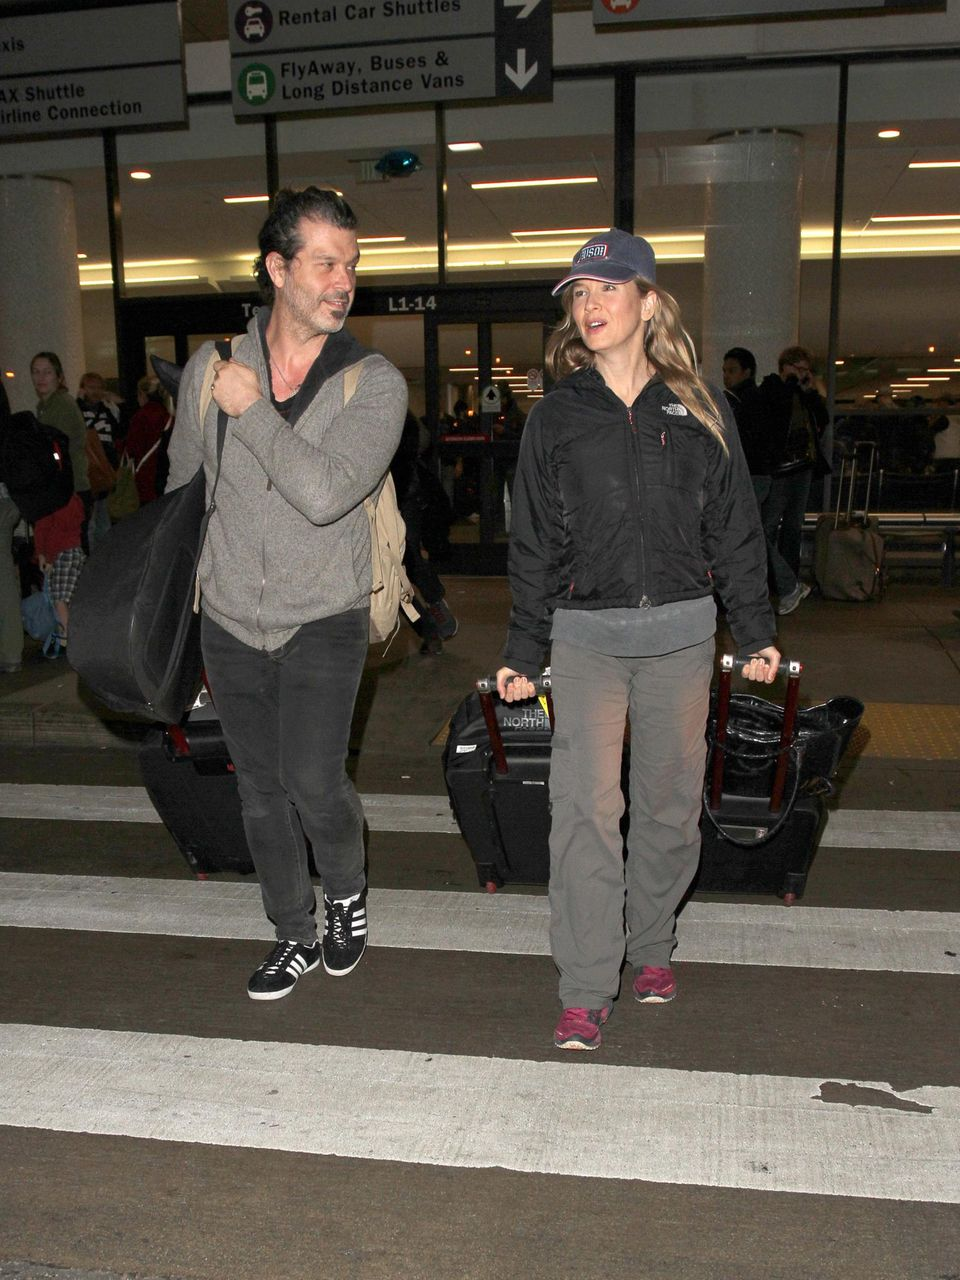 """Vielleicht sieht Renée Zellweger am Flughafen so entspannt aus, weil die Dreharbeiten zu """"Bridget Jones' Baby"""" in London abgeschlossen sind. Mit ihrem Freund Doyle Bramhall II kommt sie in Los Angeles an."""